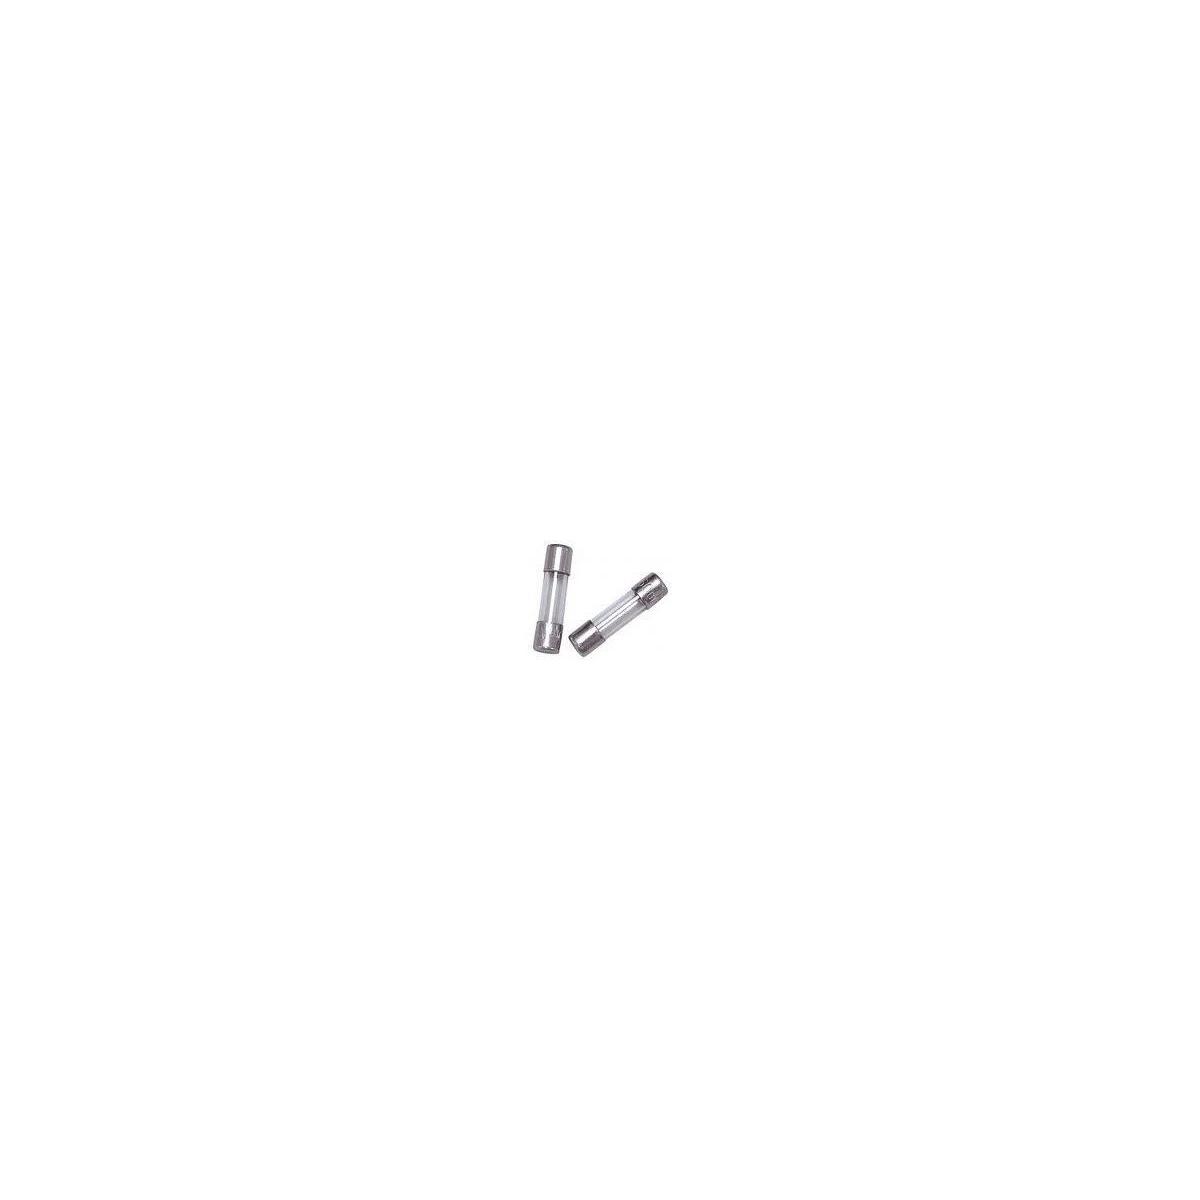 FUSIVEL - F RAPIDO 5X20MM (PACOTE COM 10 UNIDADES )-3,15A